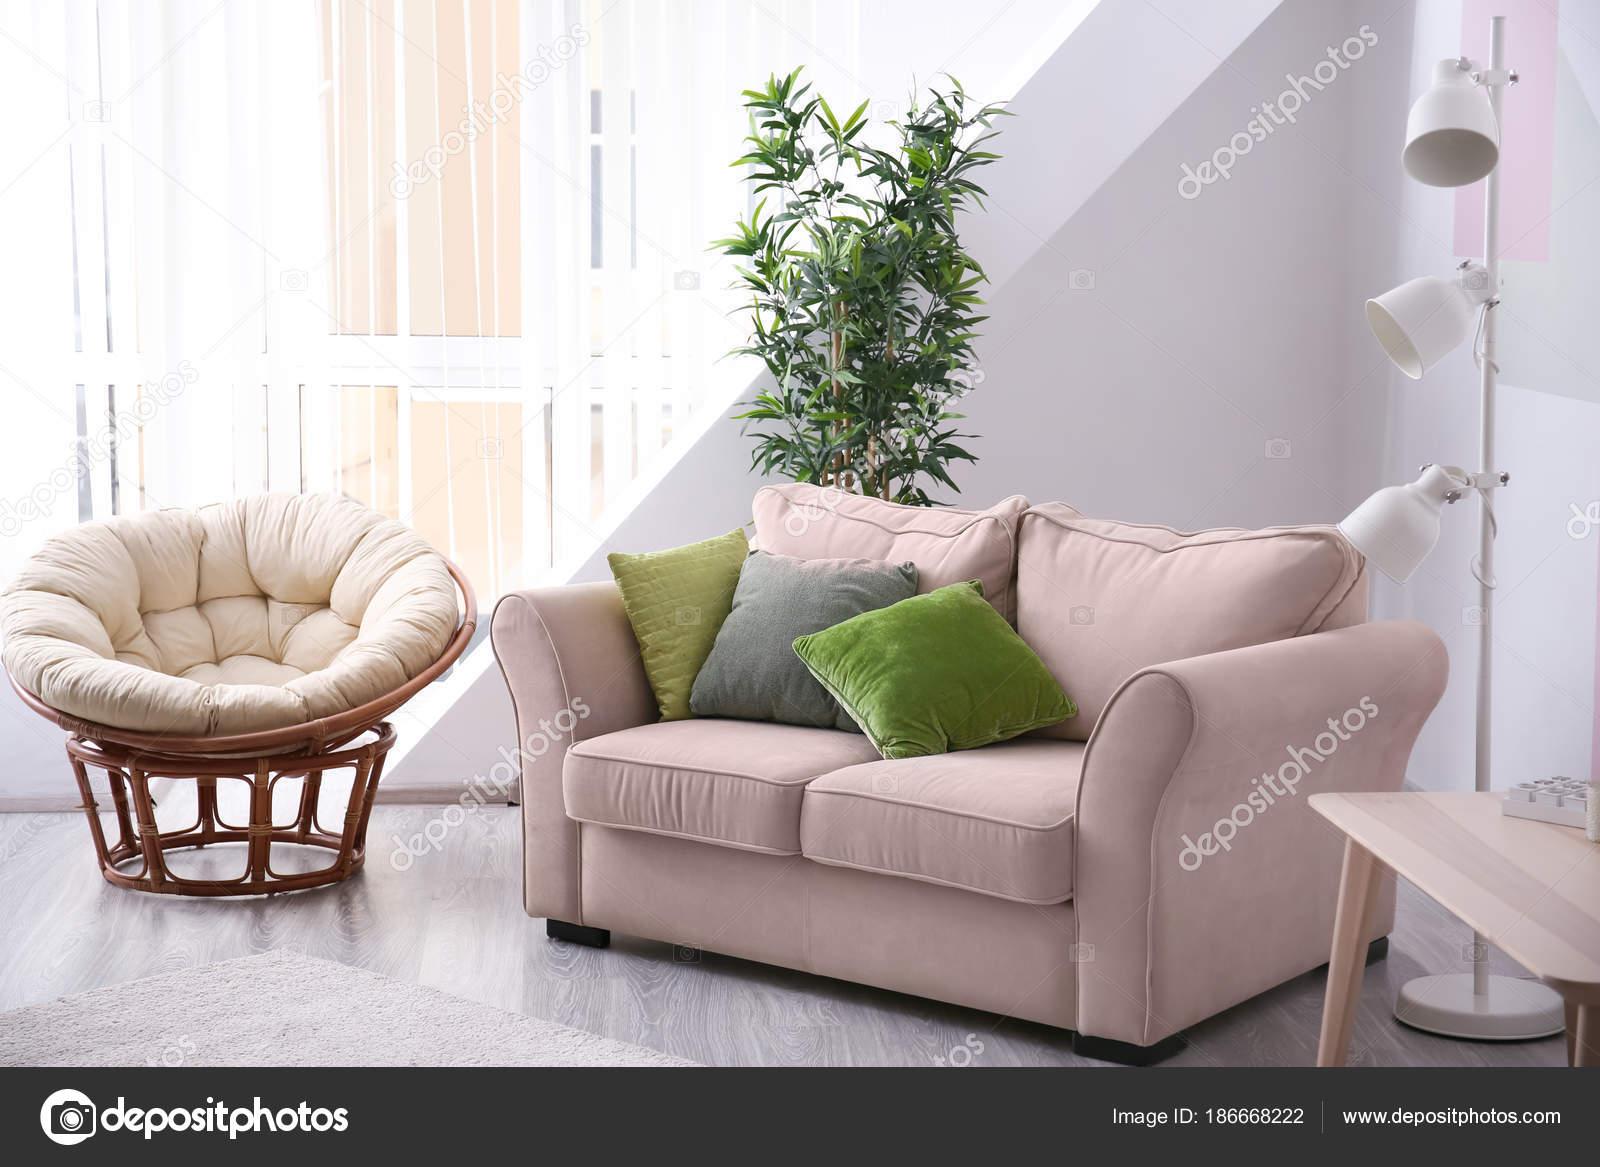 Stijlvolle Woonkamer Interieur Met Comfortabele Sofa Lounge Stoel ...